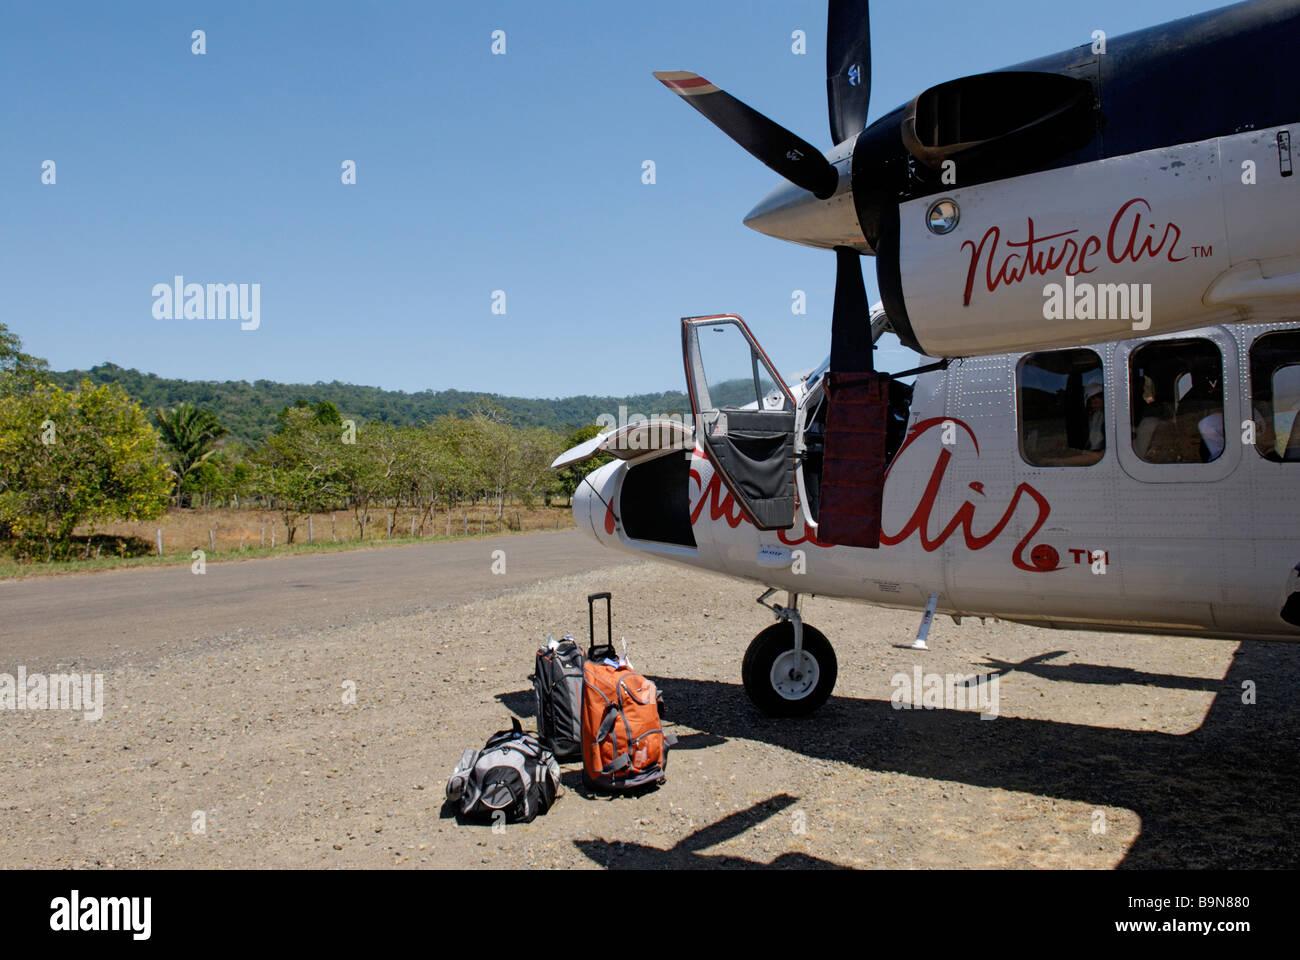 Nature petit avion à hélice de l'air sur la piste, la baie Drake, Costa Rica. Photo Stock